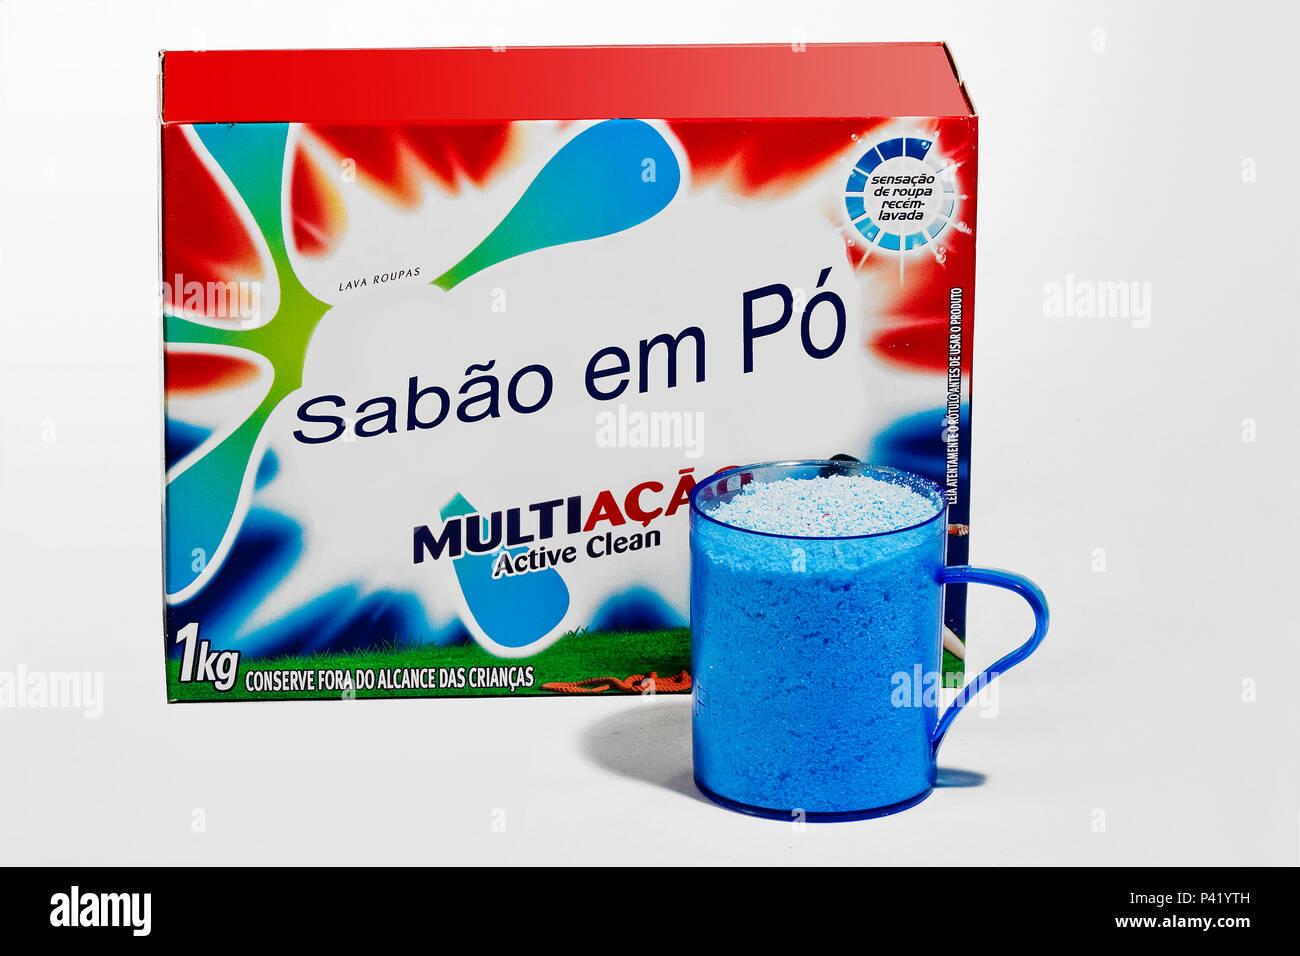 Sabão em pó Sabão para lavar roupas embalagem de sabão em com 1 kilo de lava roupas em pó higiene das roupas produto de limpeza Imagen De Stock